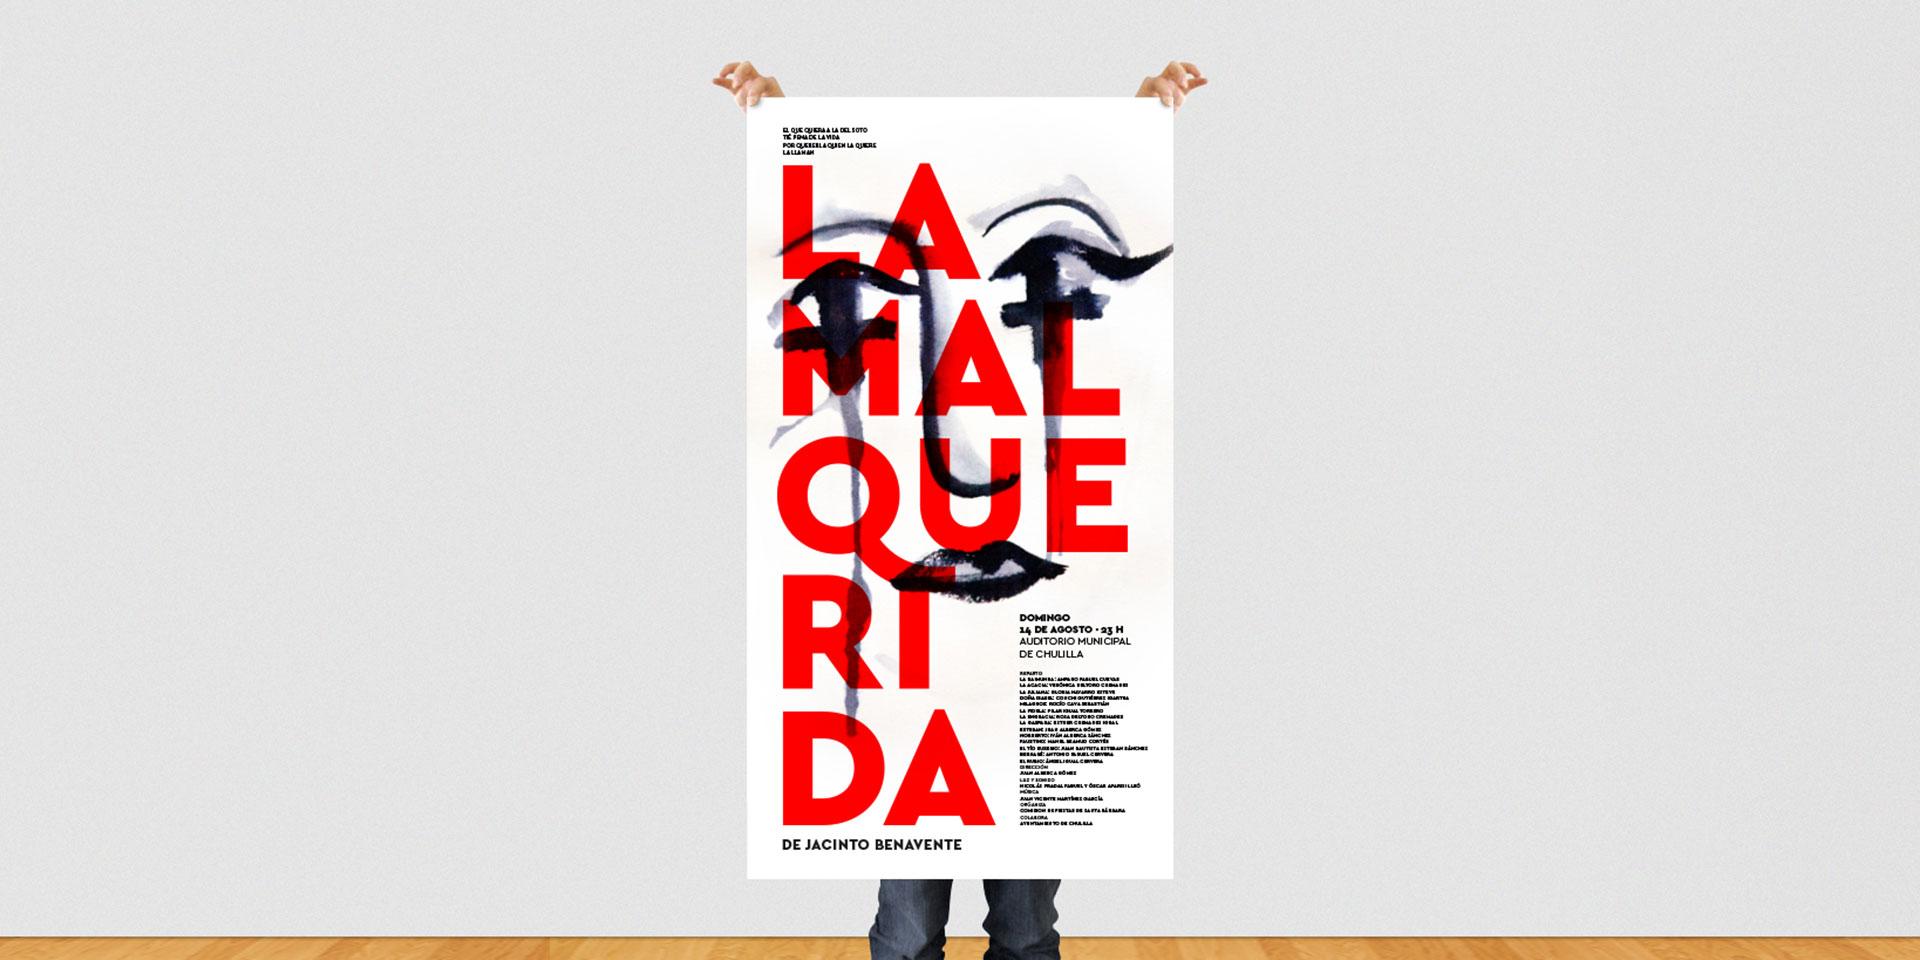 Diseño del cartel para la obra de teatro La Malquerida de Jacinto Benavente